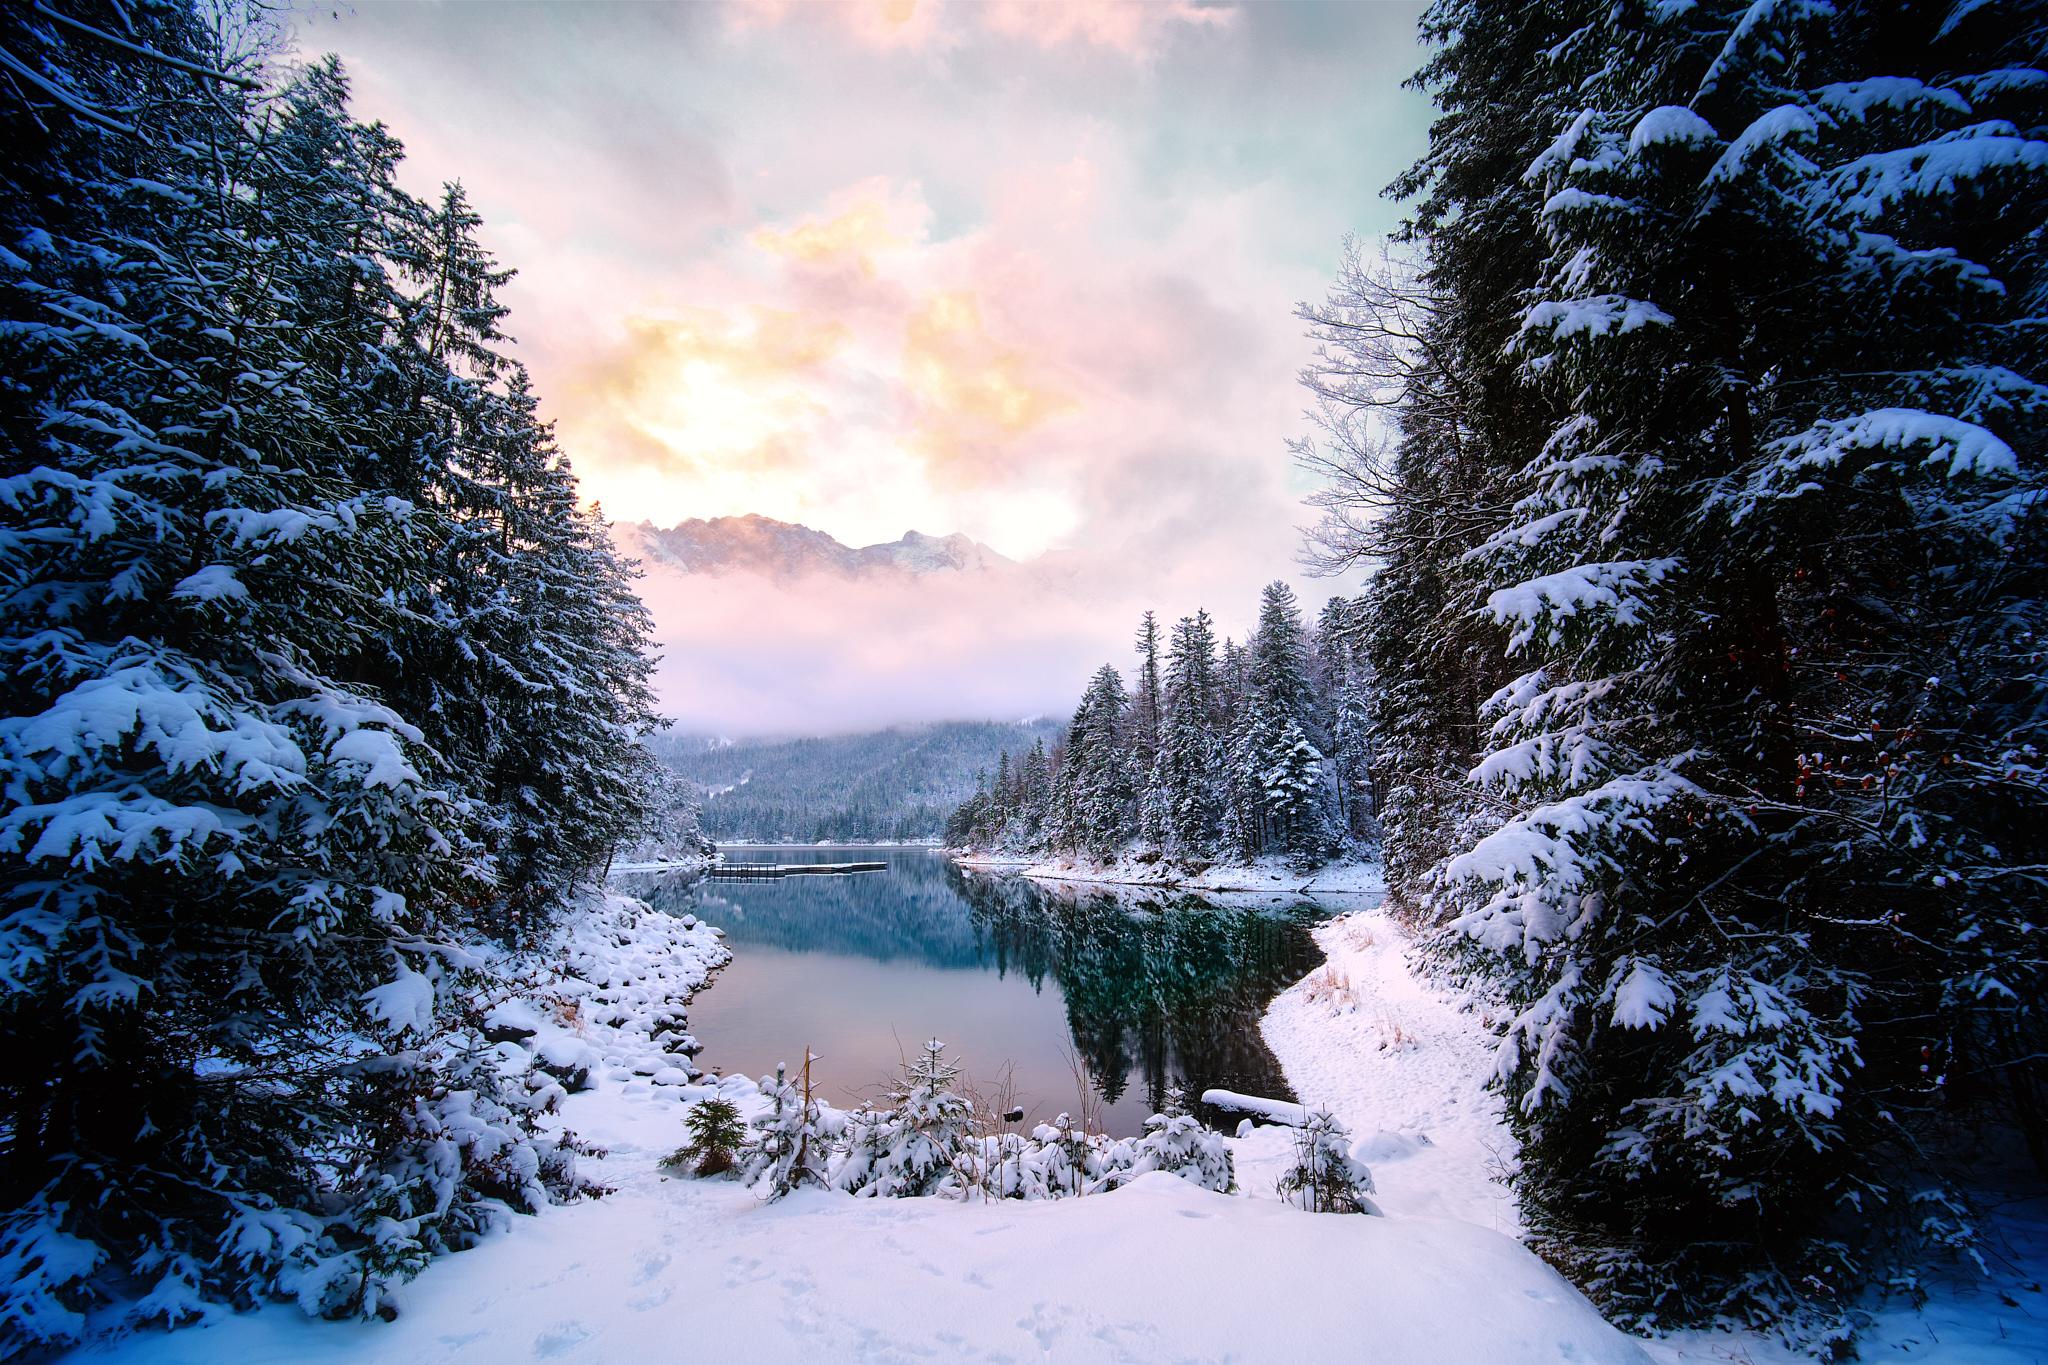 Winterwonderland Eibsee